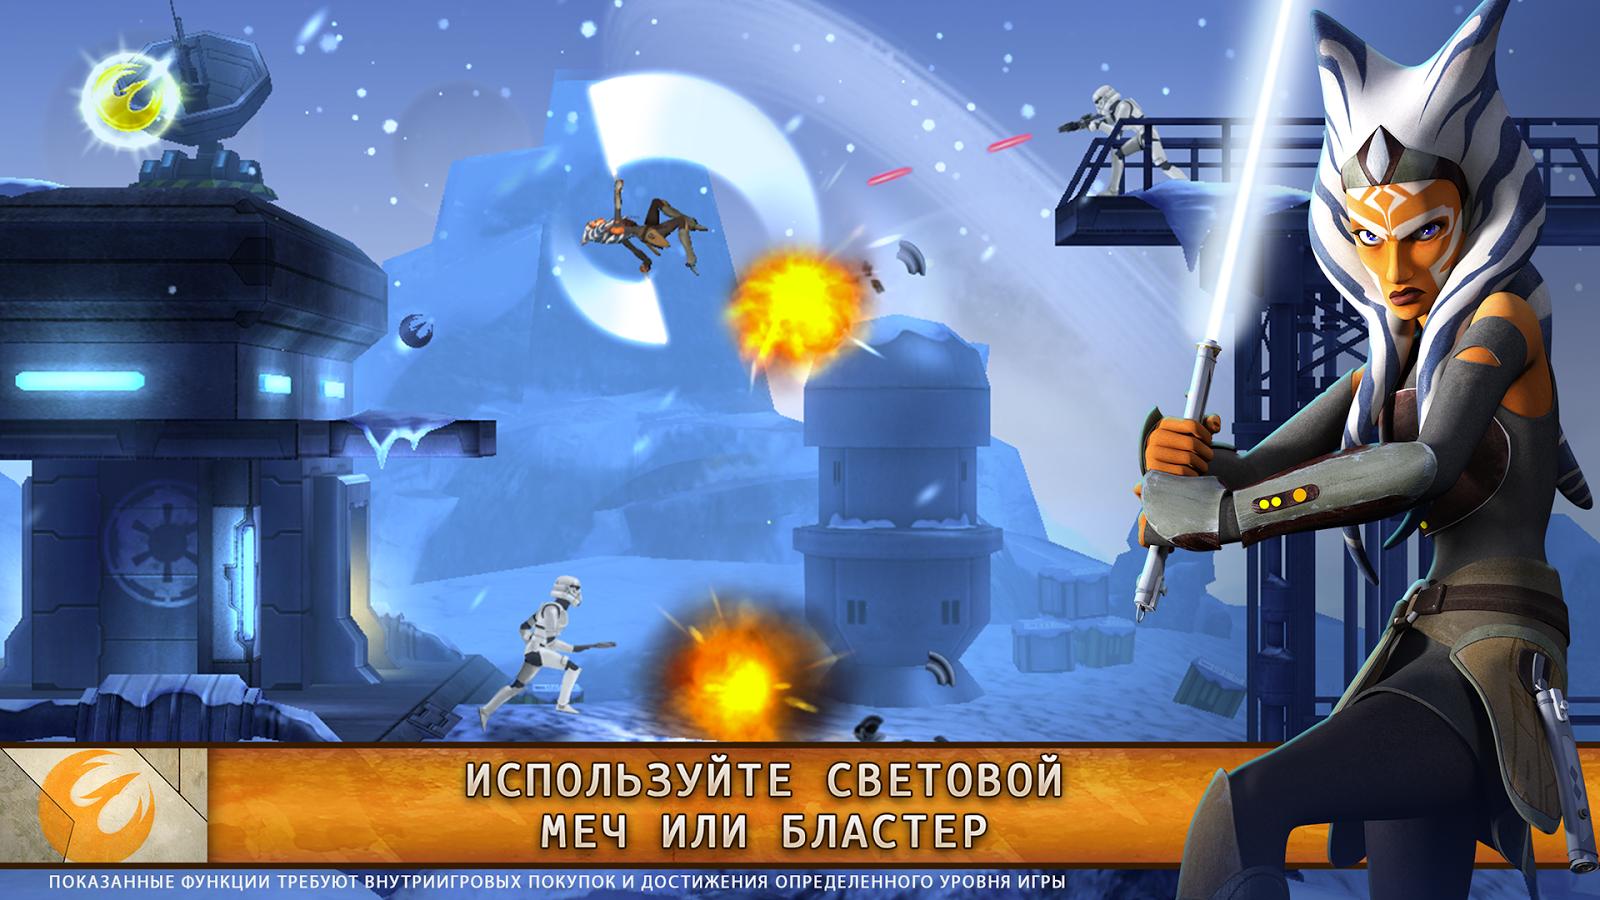 Звездные войны повстанцы игры для андроид какая была бмв в фильме бумер 2